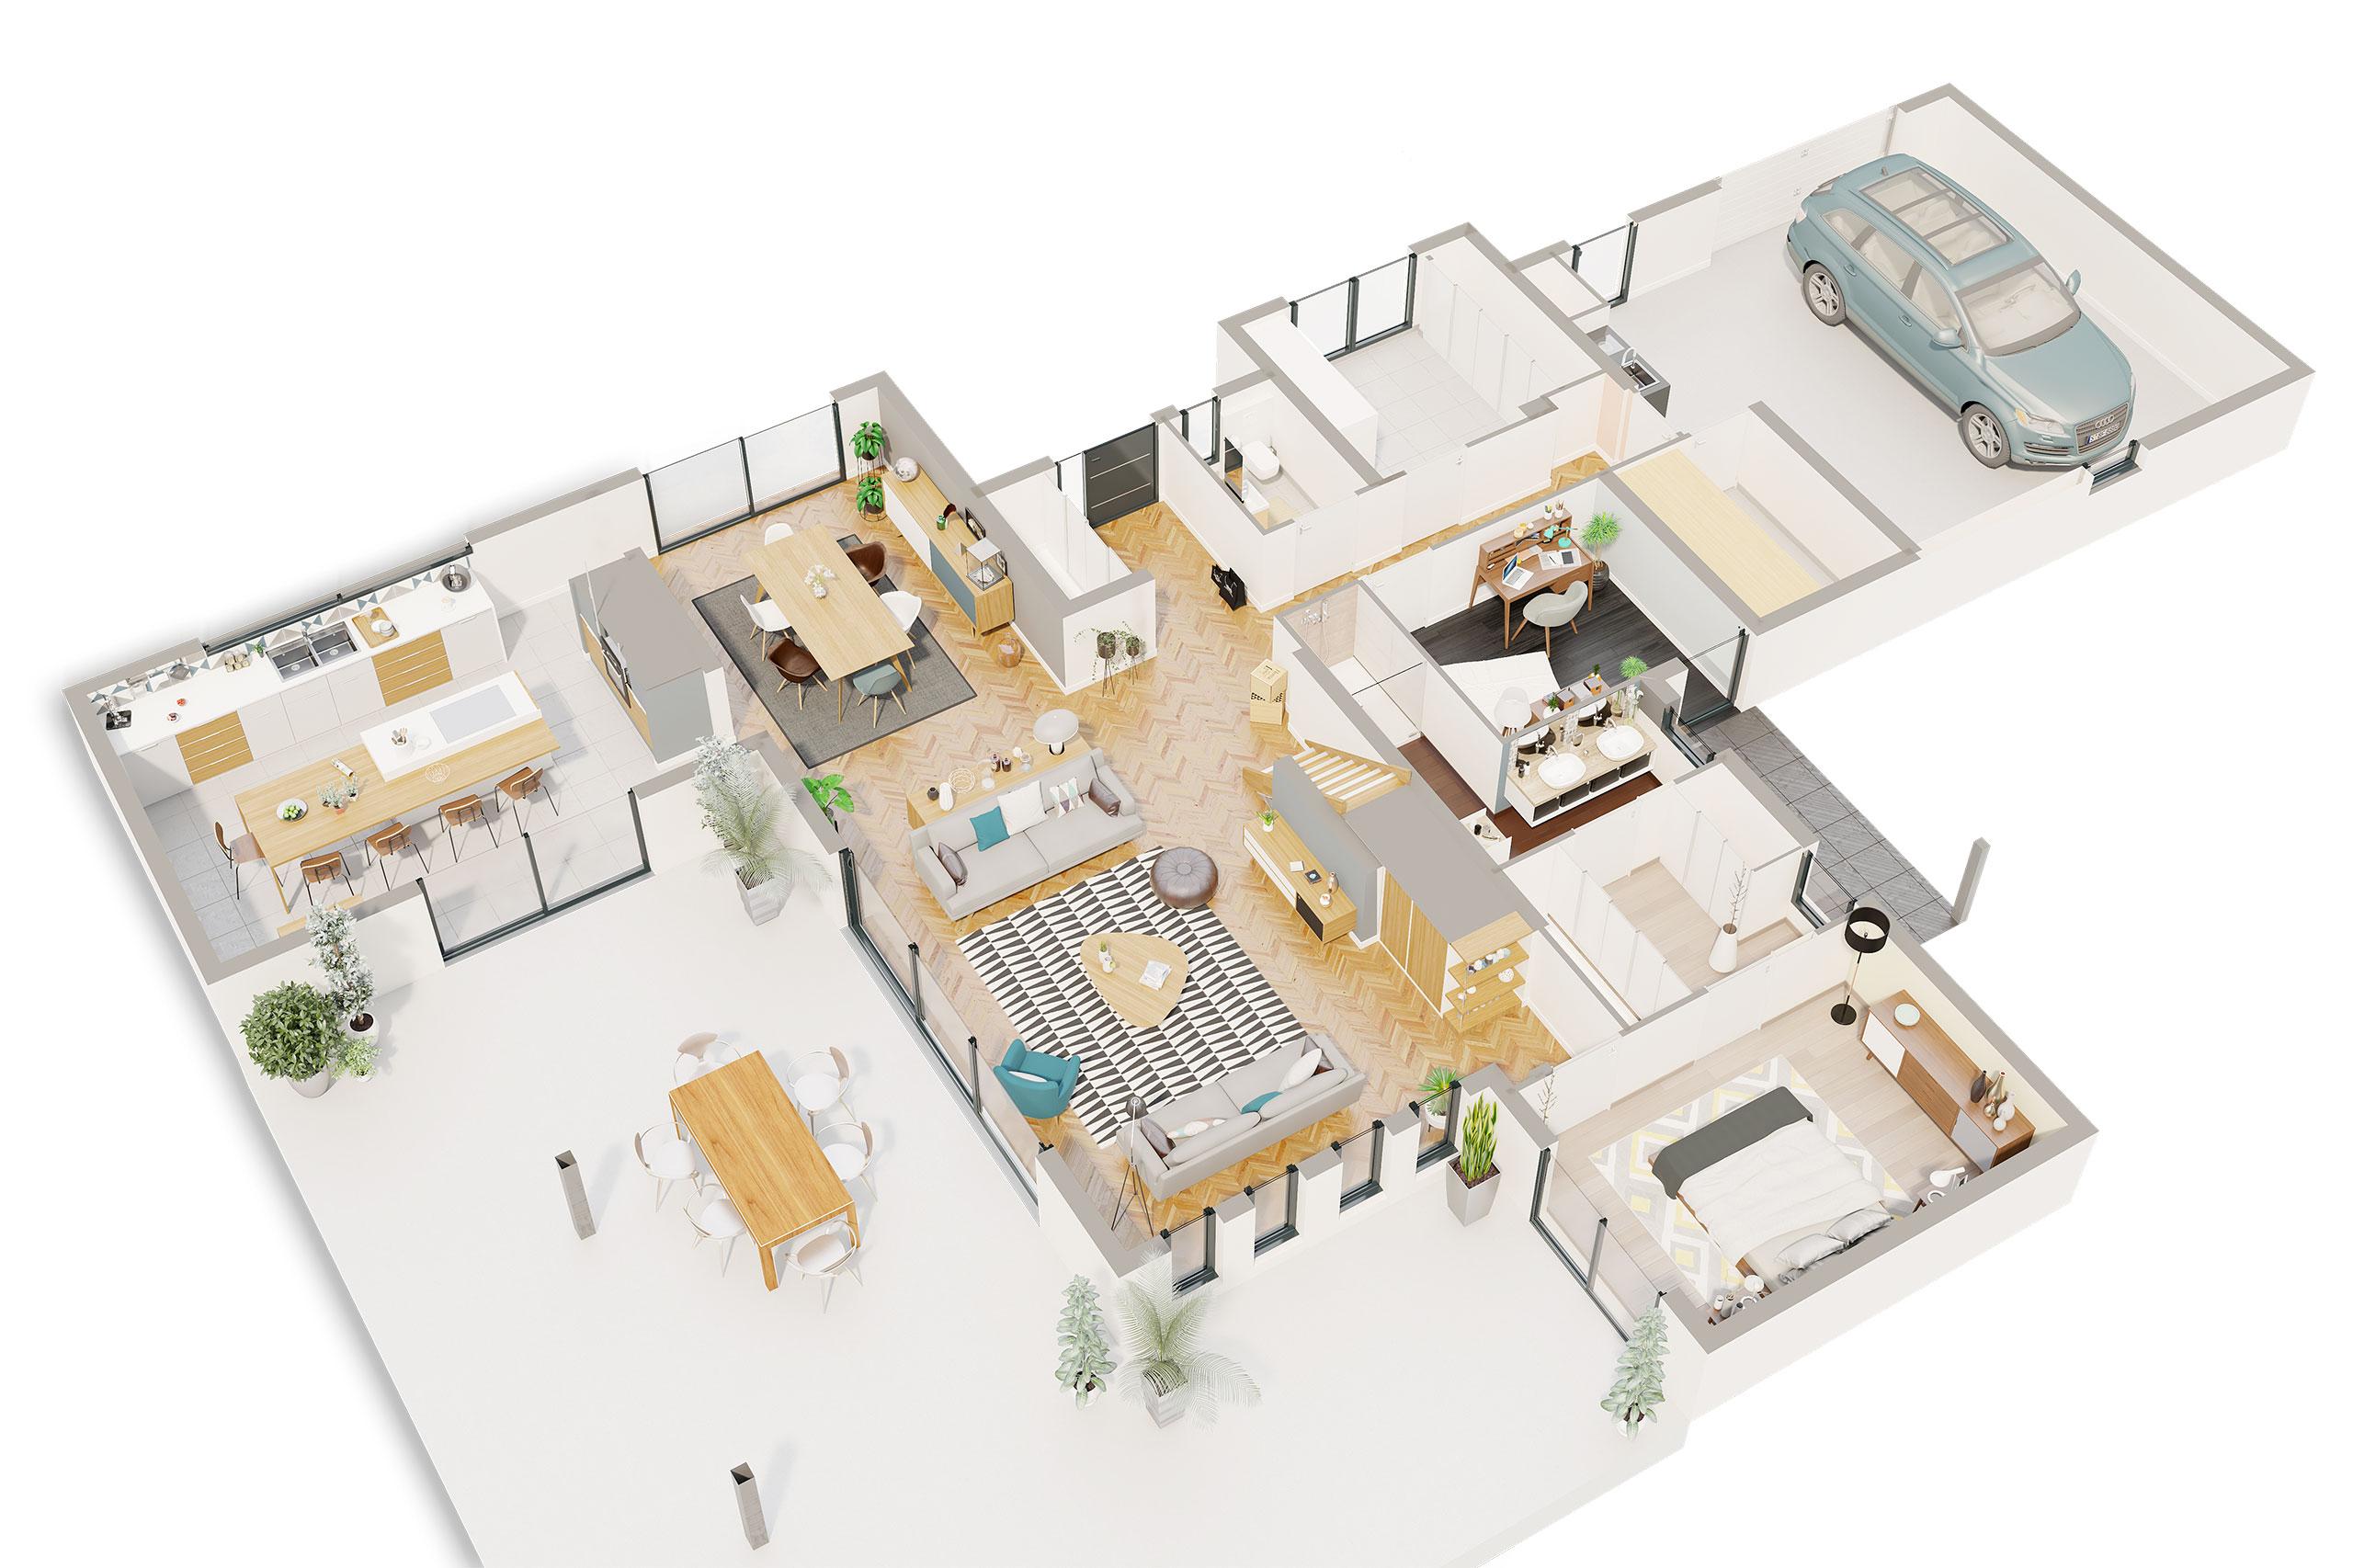 Maison contemporaine Étage Albizia avec plans - Demeures d'Occitanie Constructeur maison ...